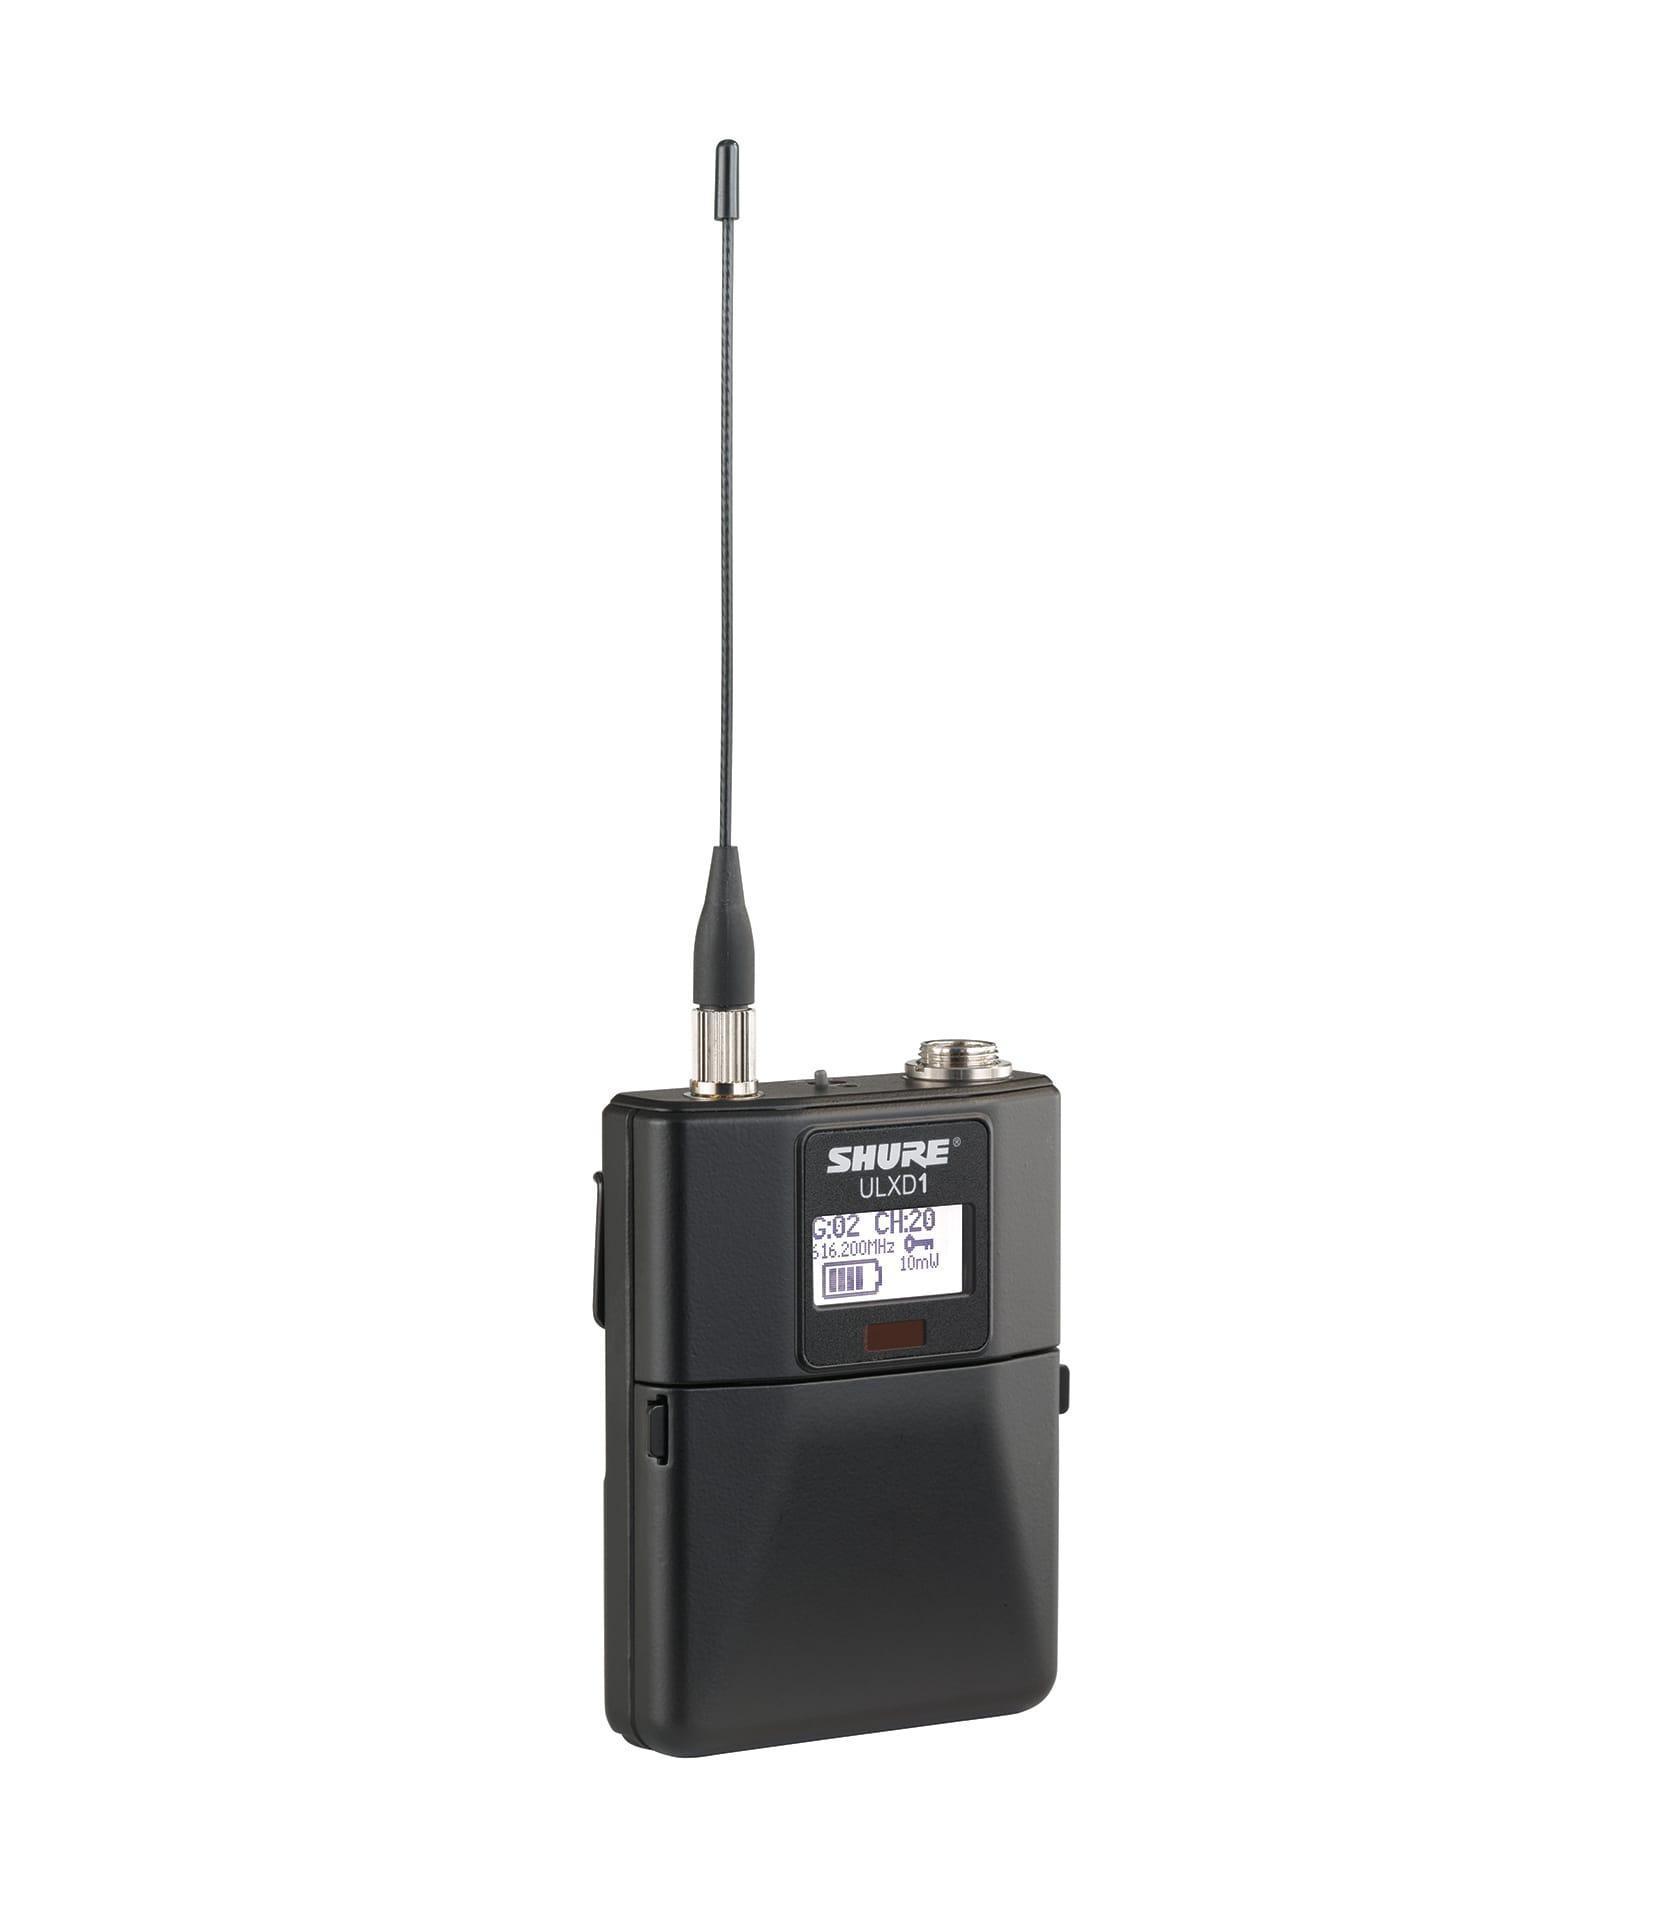 ULXD1 K51 Bodypack Transmitter - Buy Online